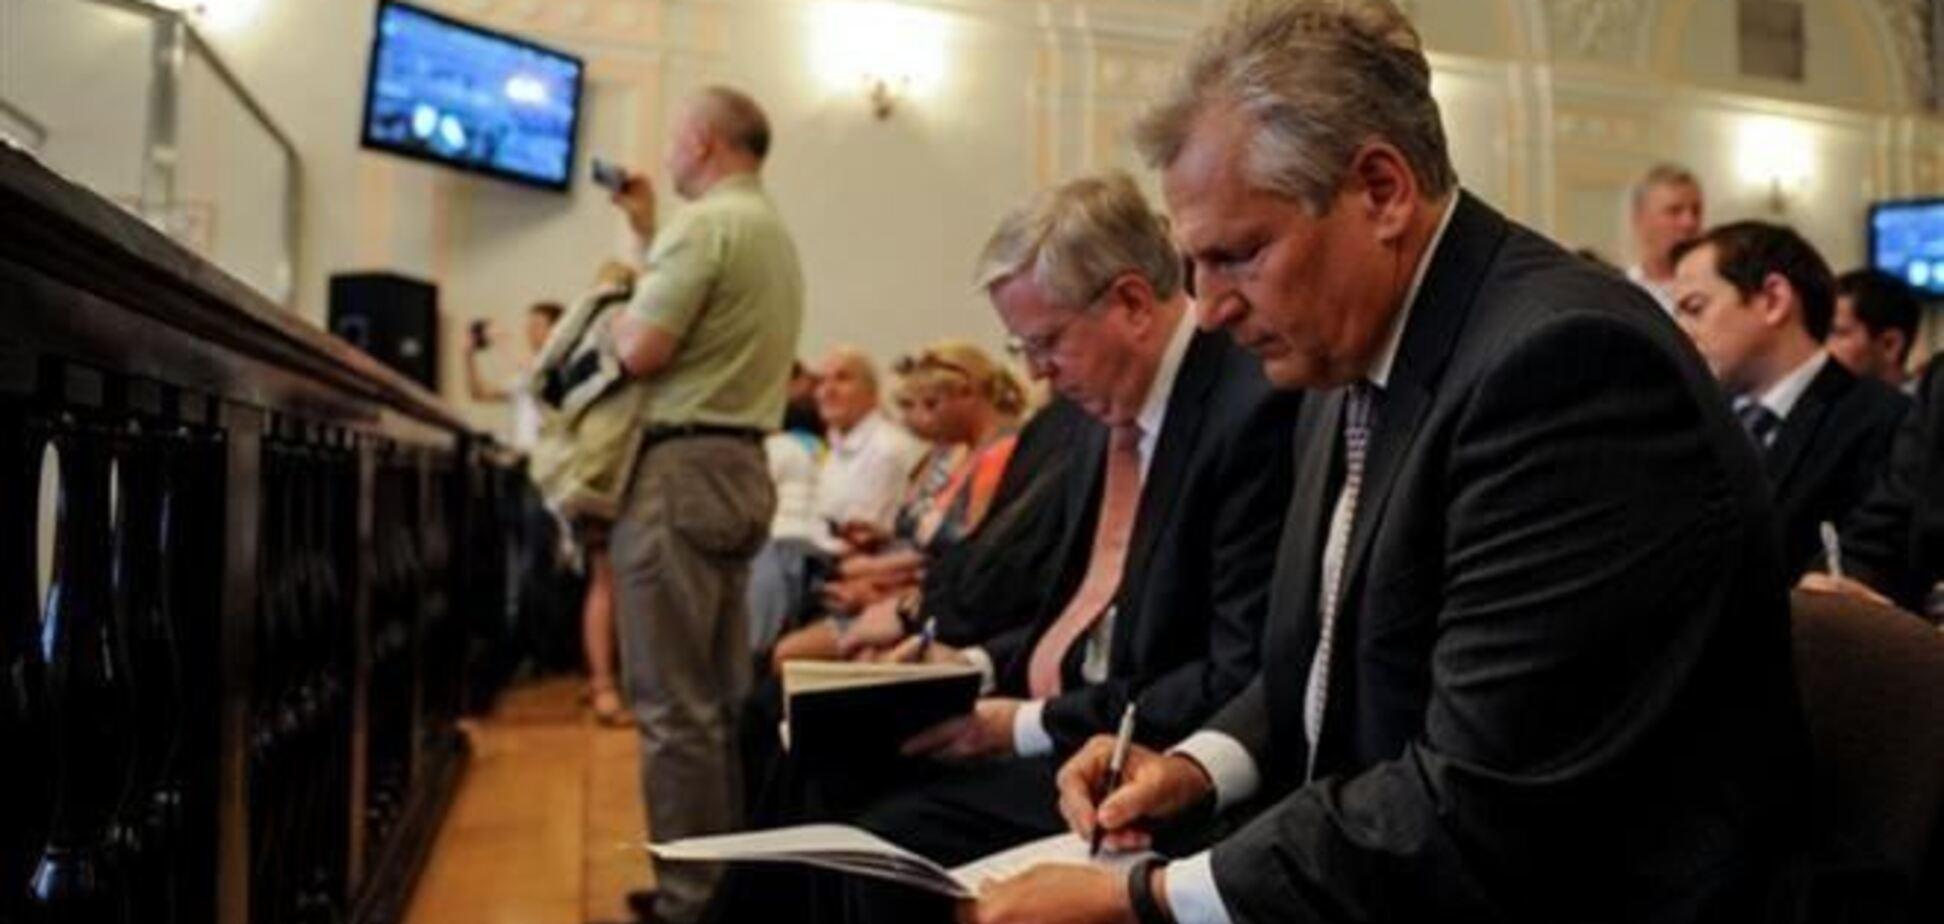 Оппозиция попросит ЕС продлить работу миссии Кокса-Квасьневского